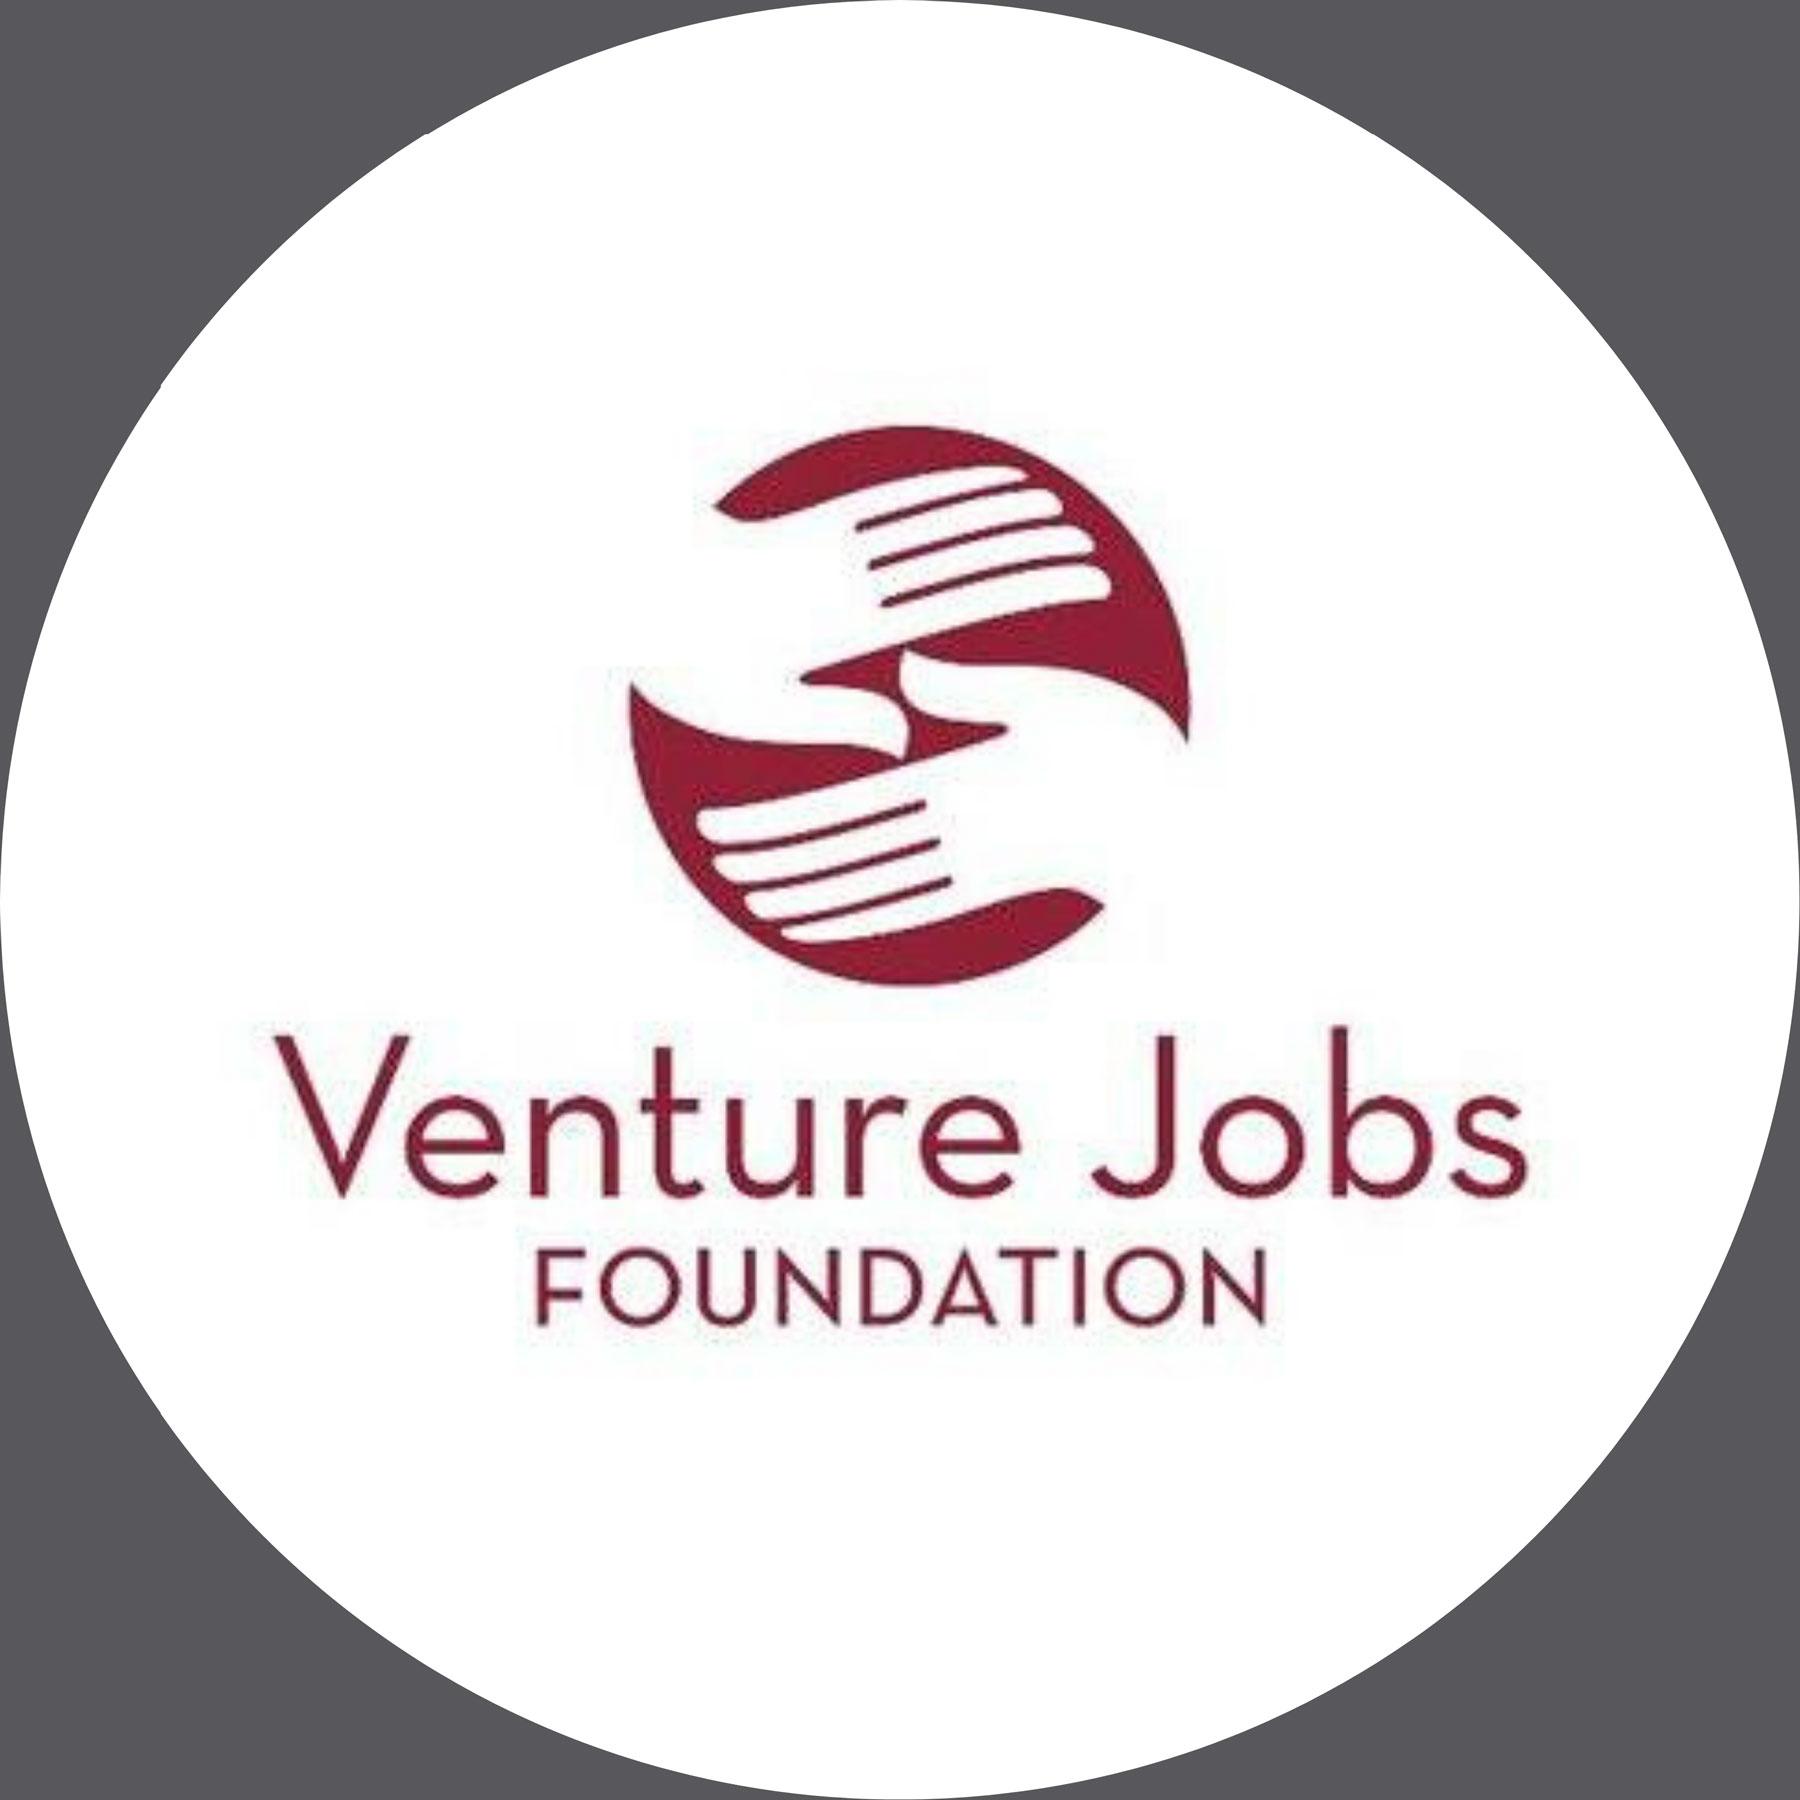 Venture Jobs